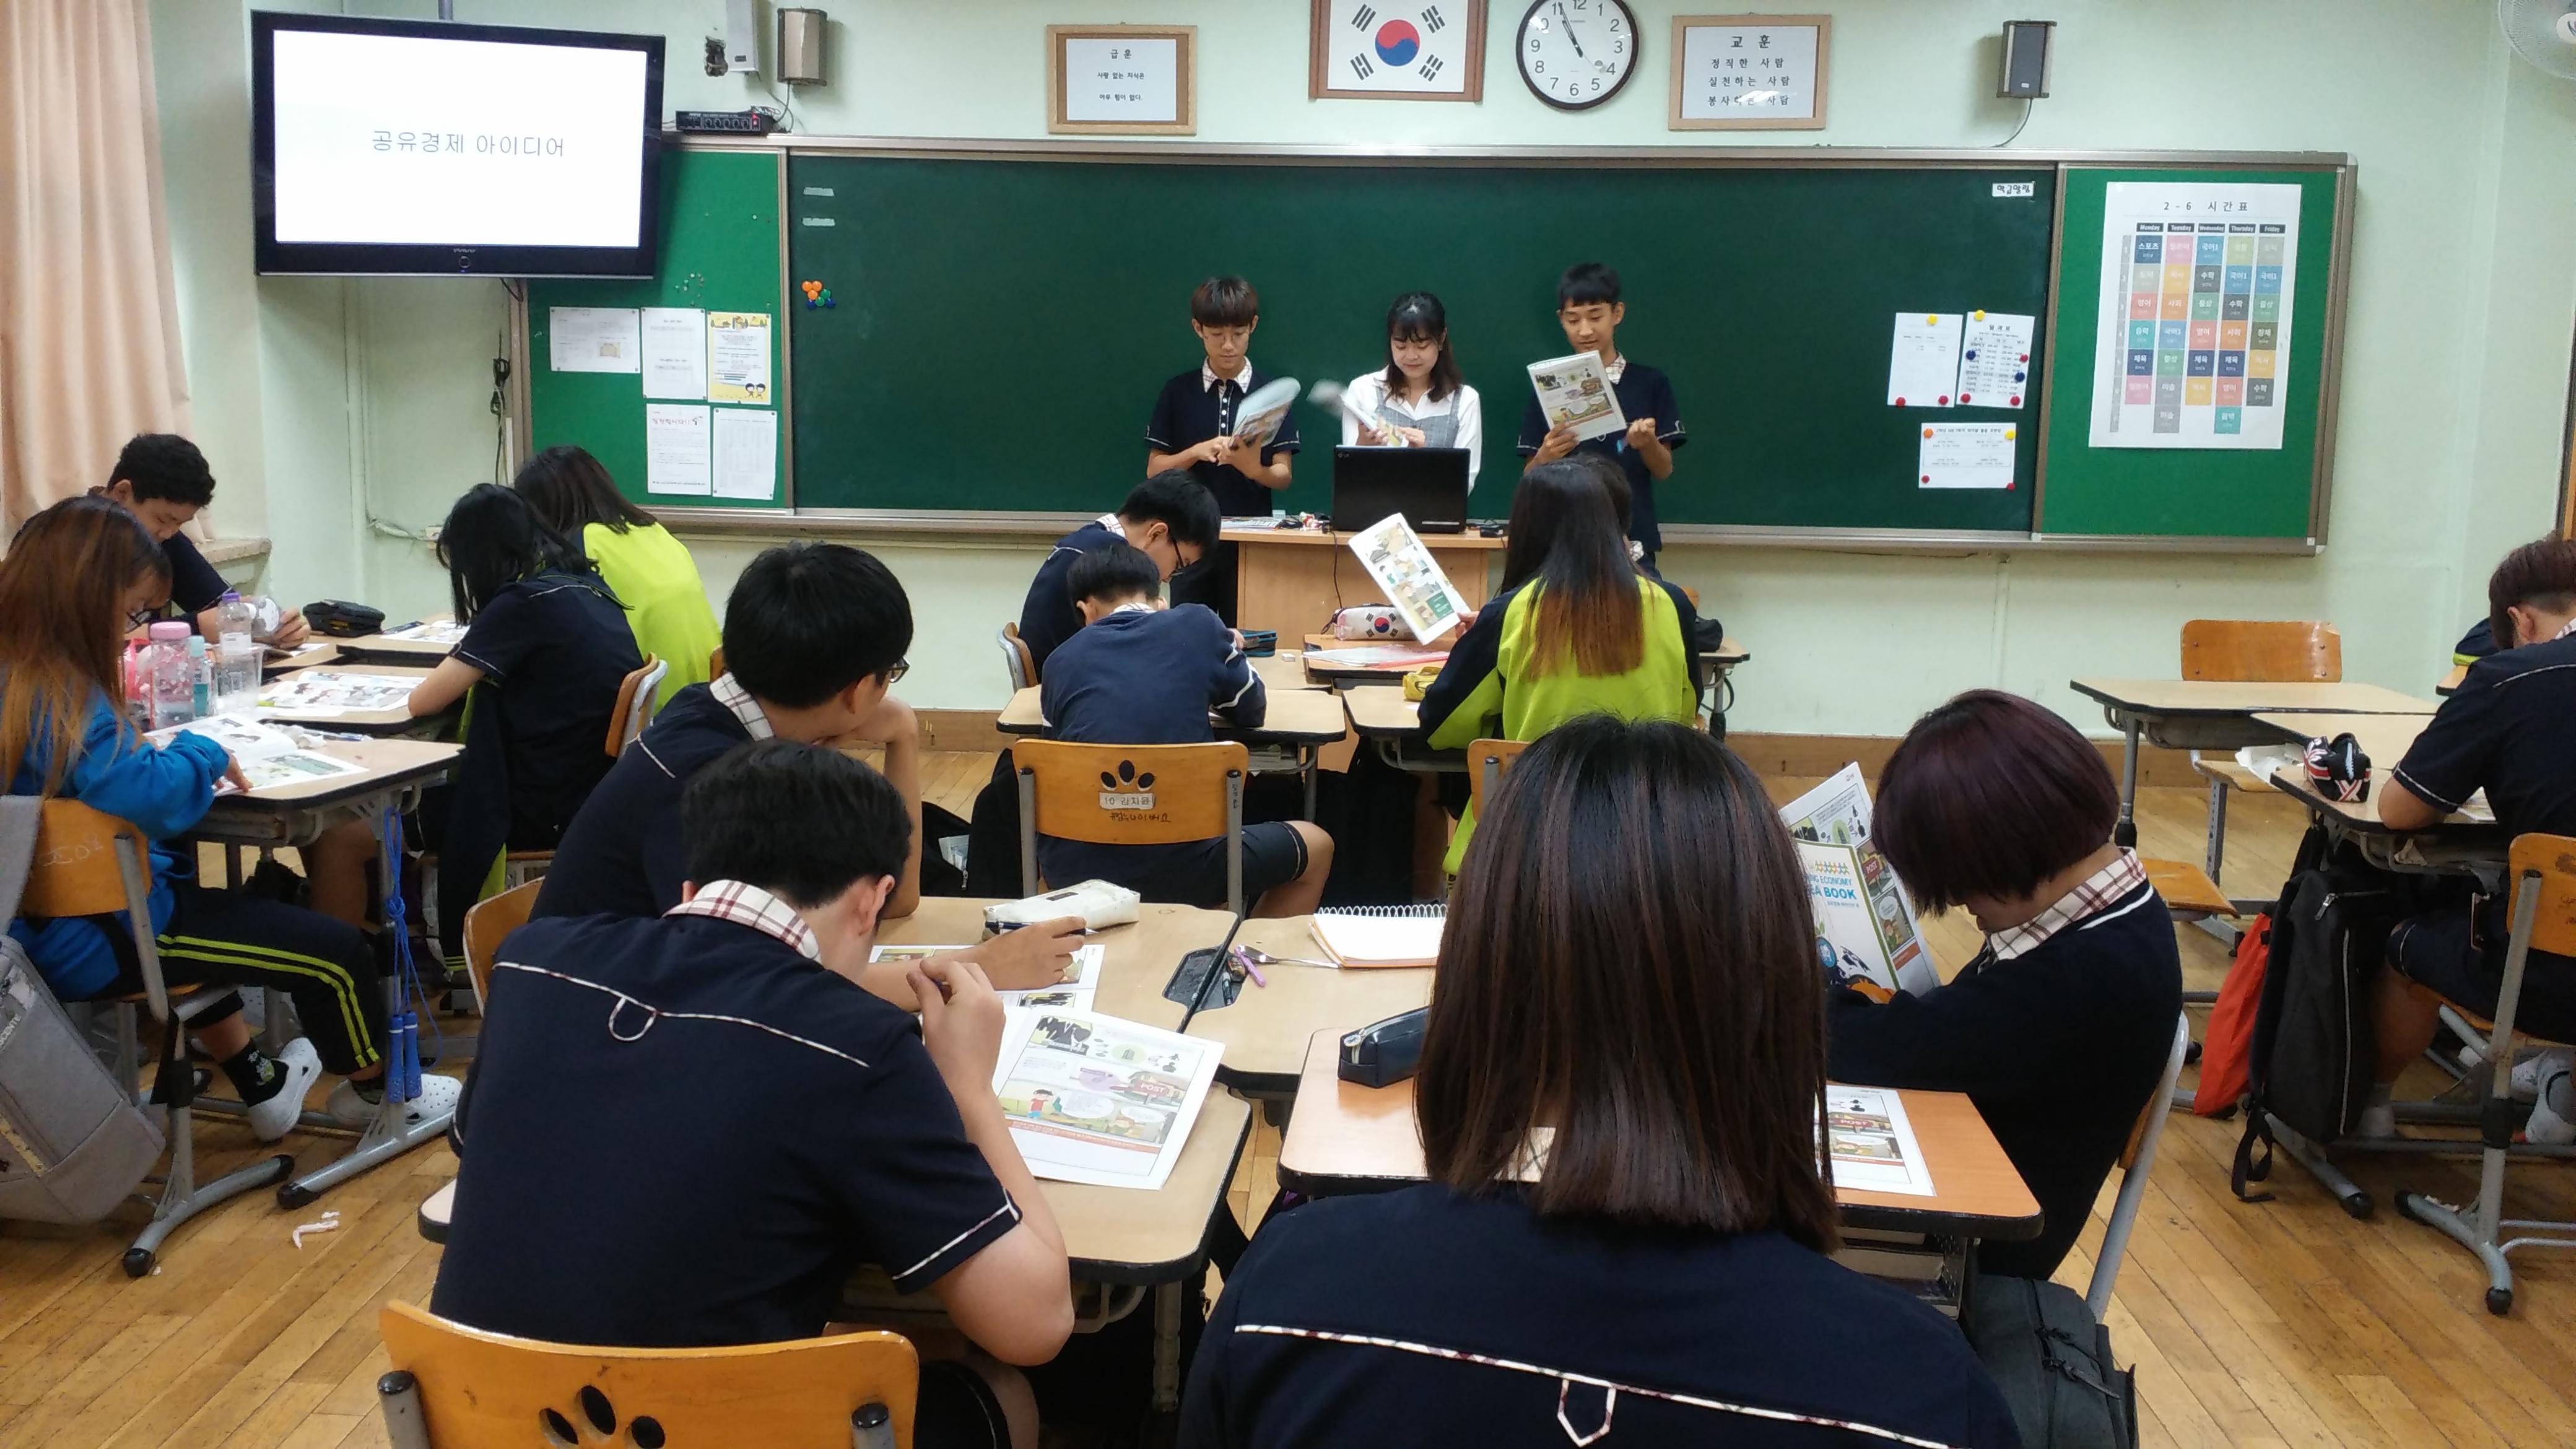 2017 서울시 공유경제 시작학교, 신화중학교